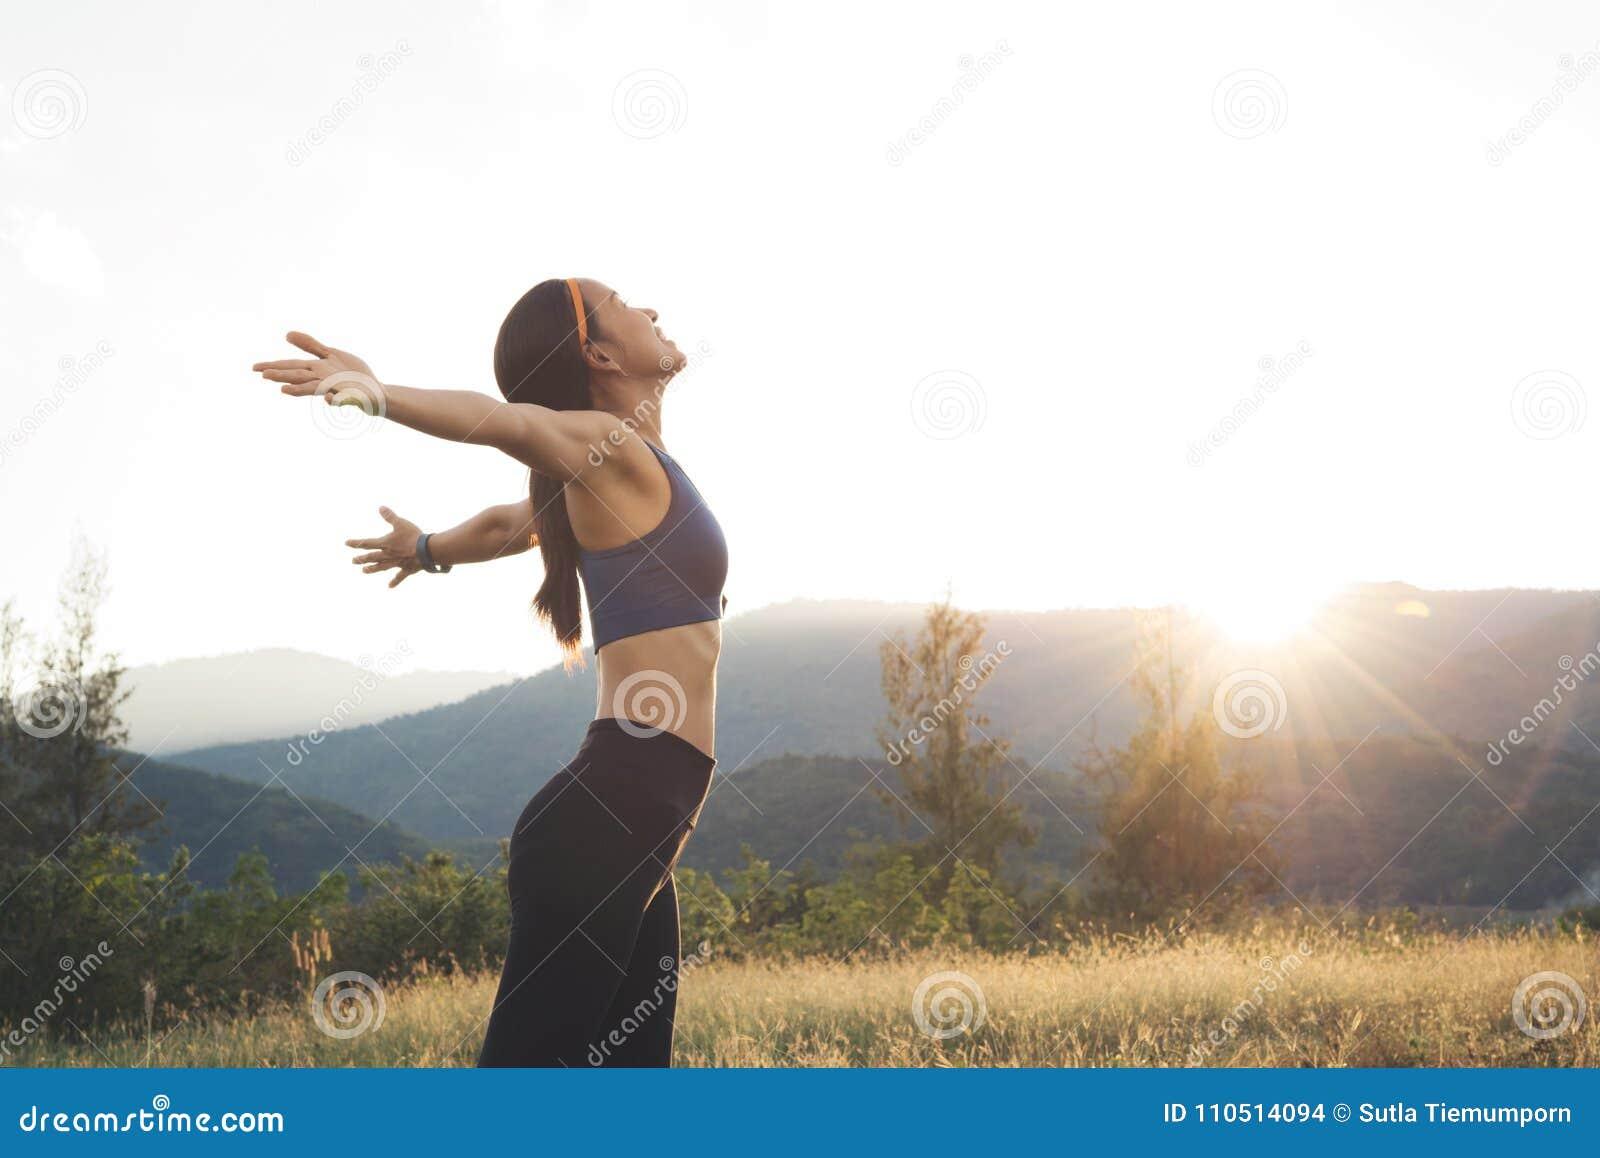 Sonrisa relajante feliz de la mujer joven de la belleza con el coágulo azul de la barra de deporte